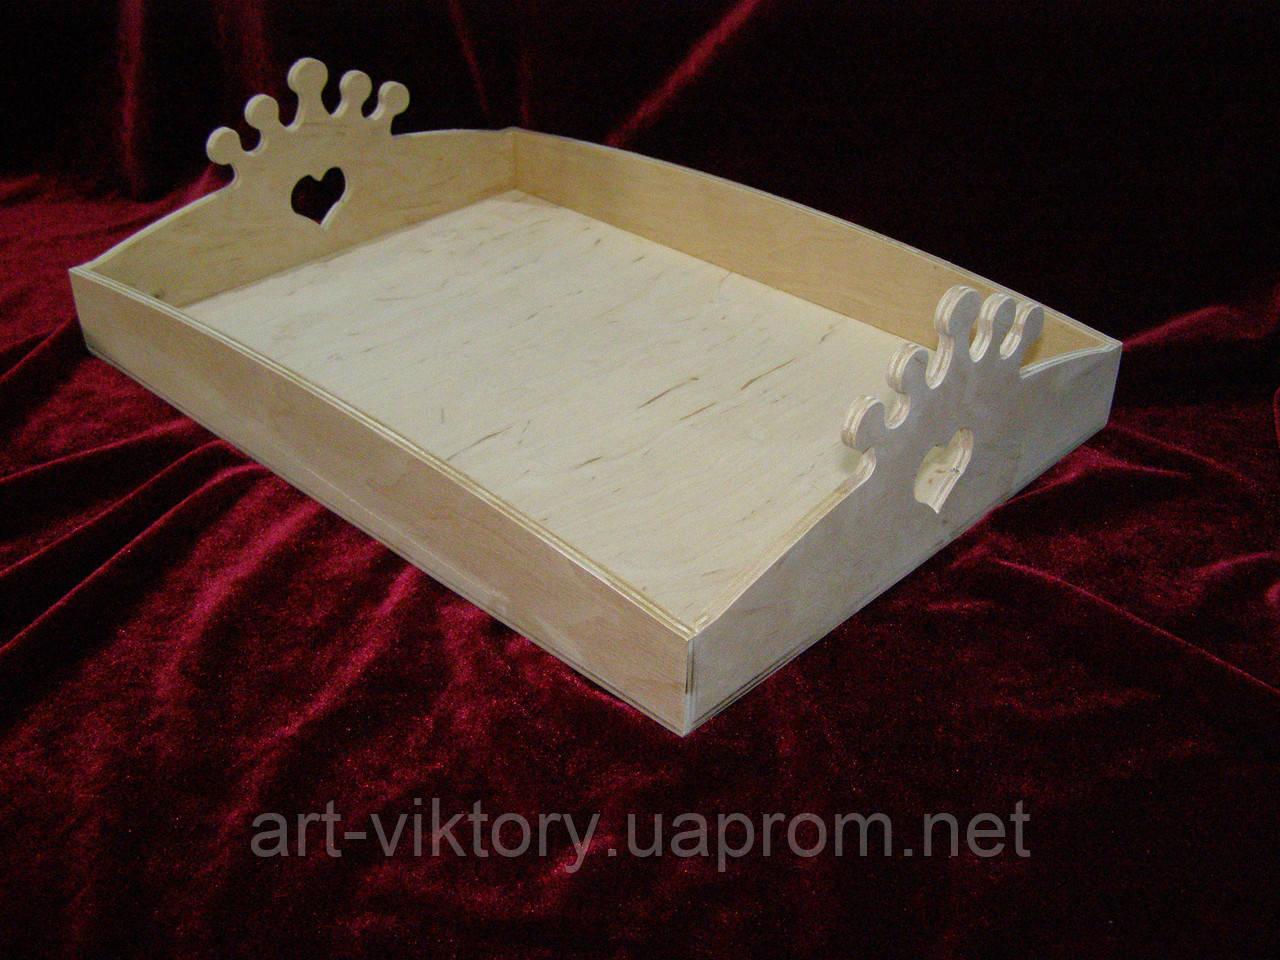 Кухонный поднос, разнос корона (25 х 35 см)